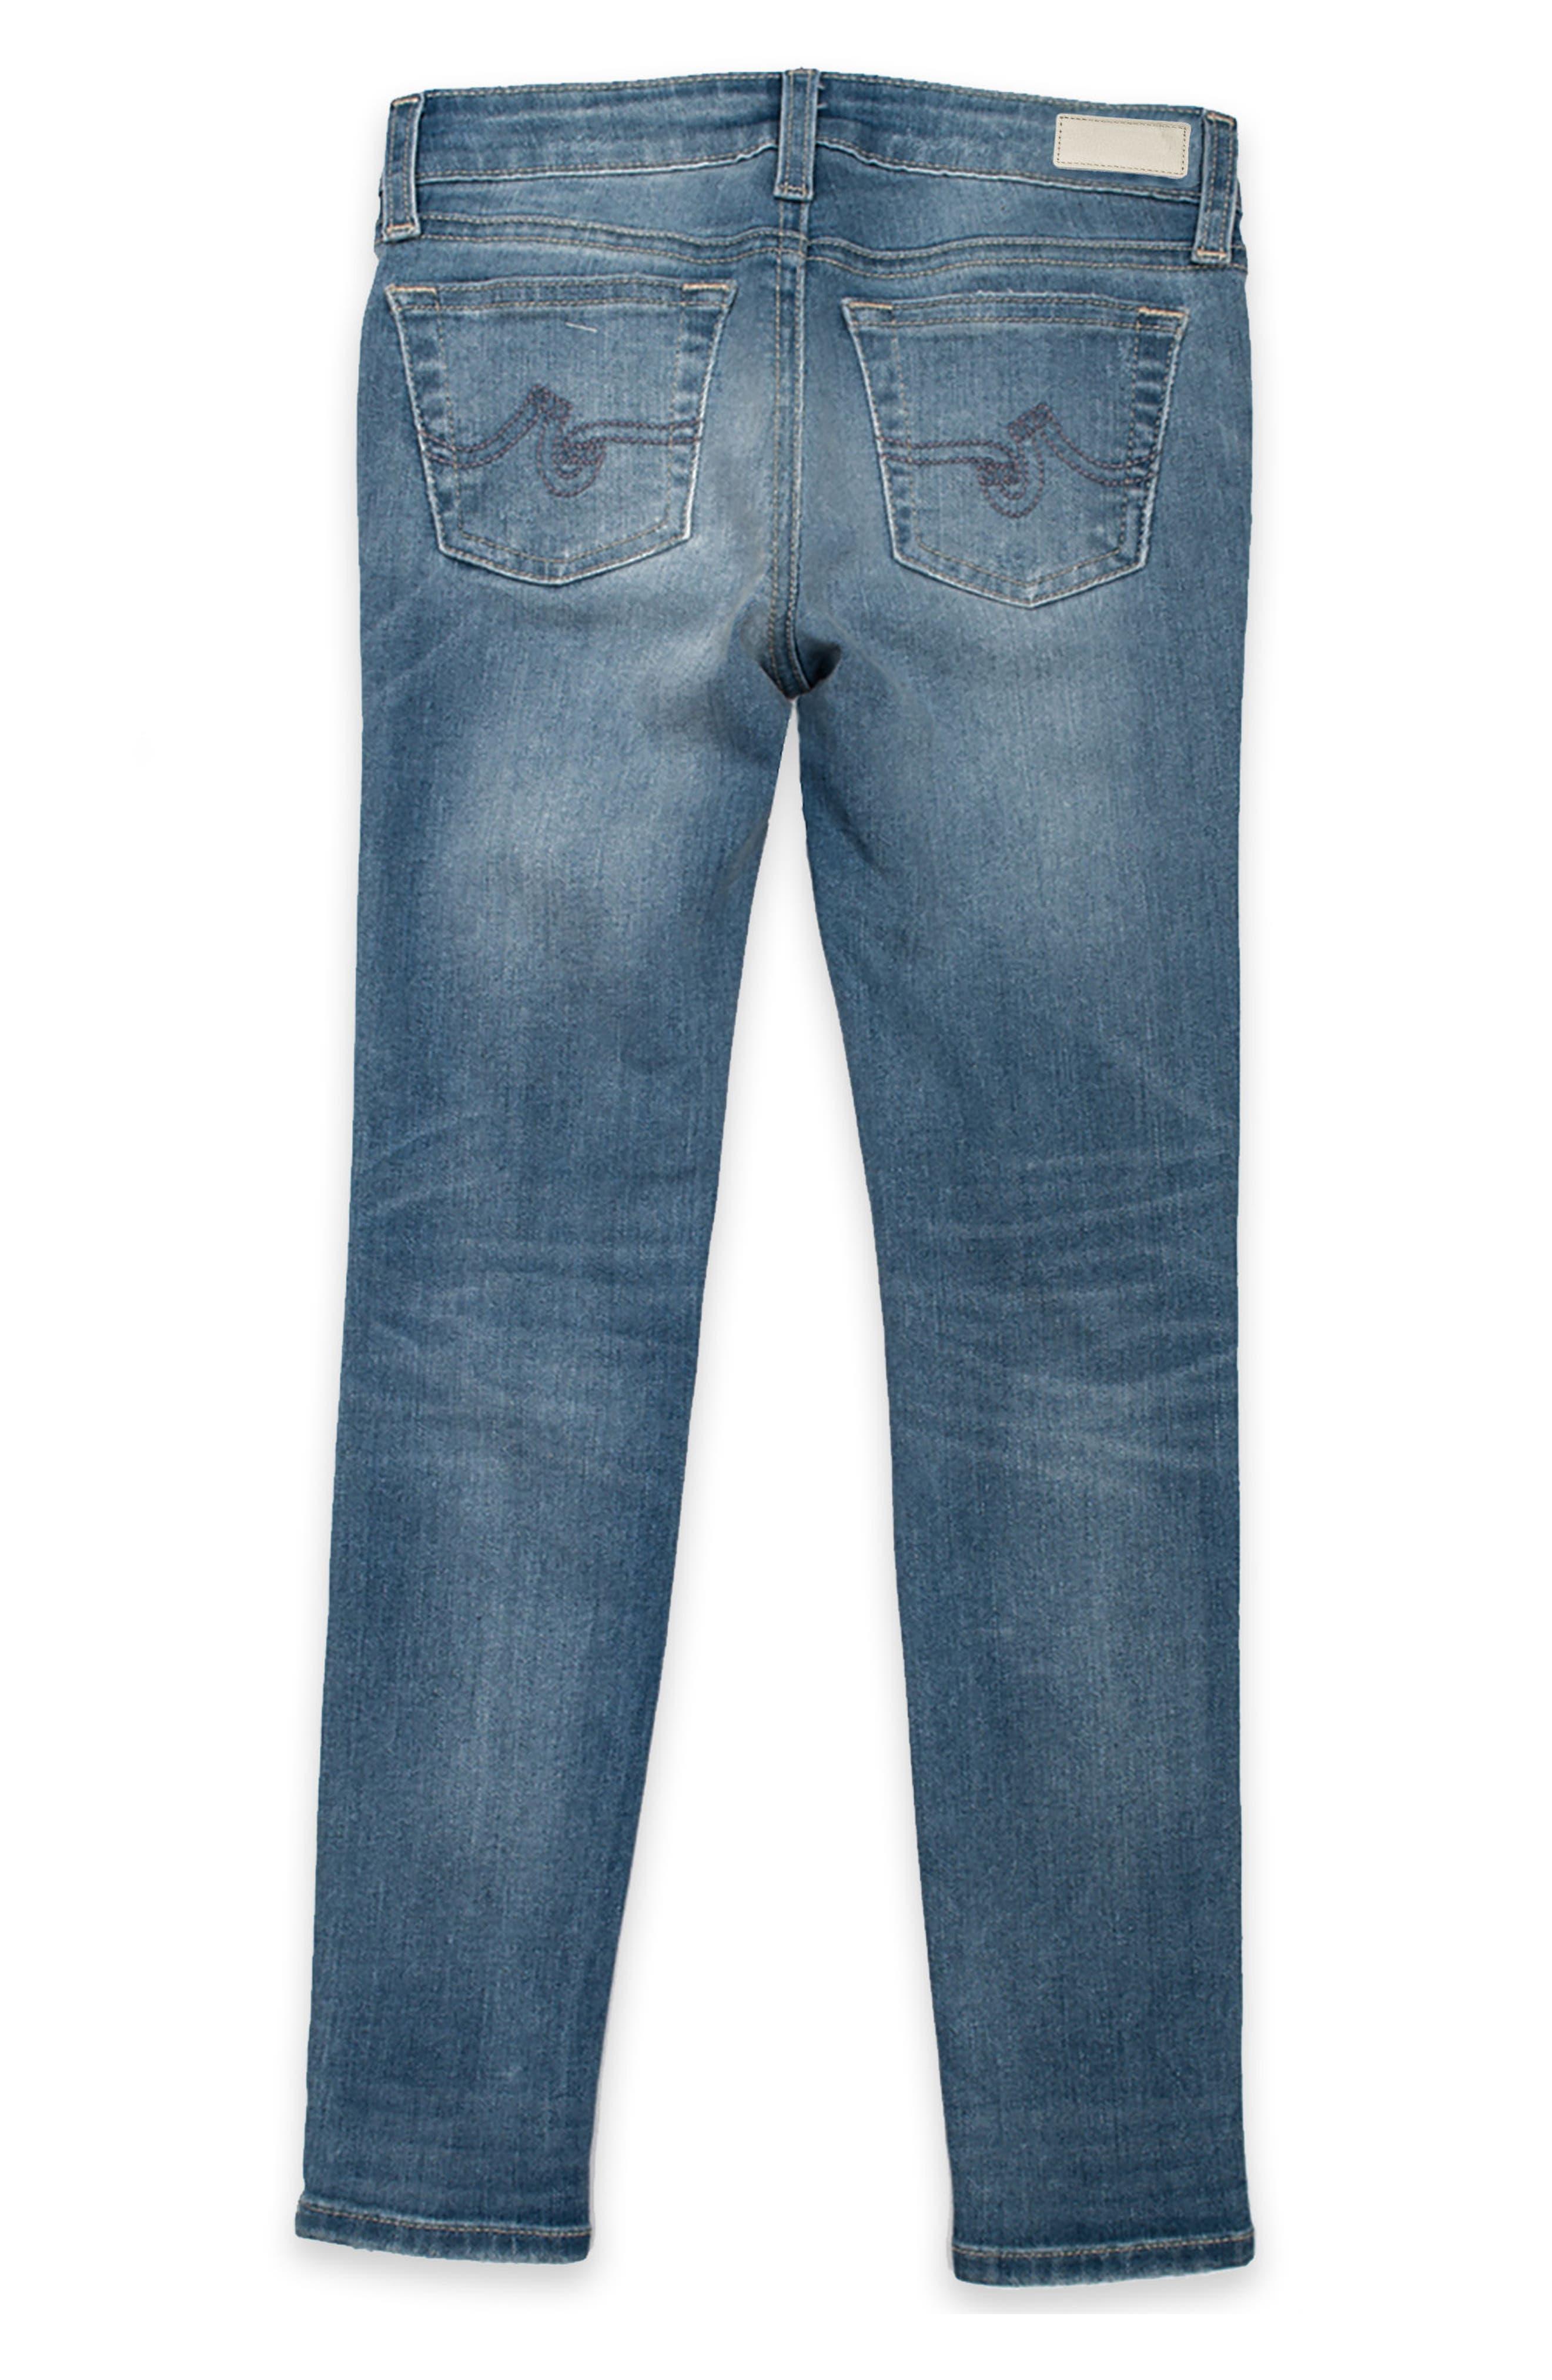 Alternate Image 2  - ag adriano goldschmied kids Twiggy Skinny Ankle Jeans (Big Girls)